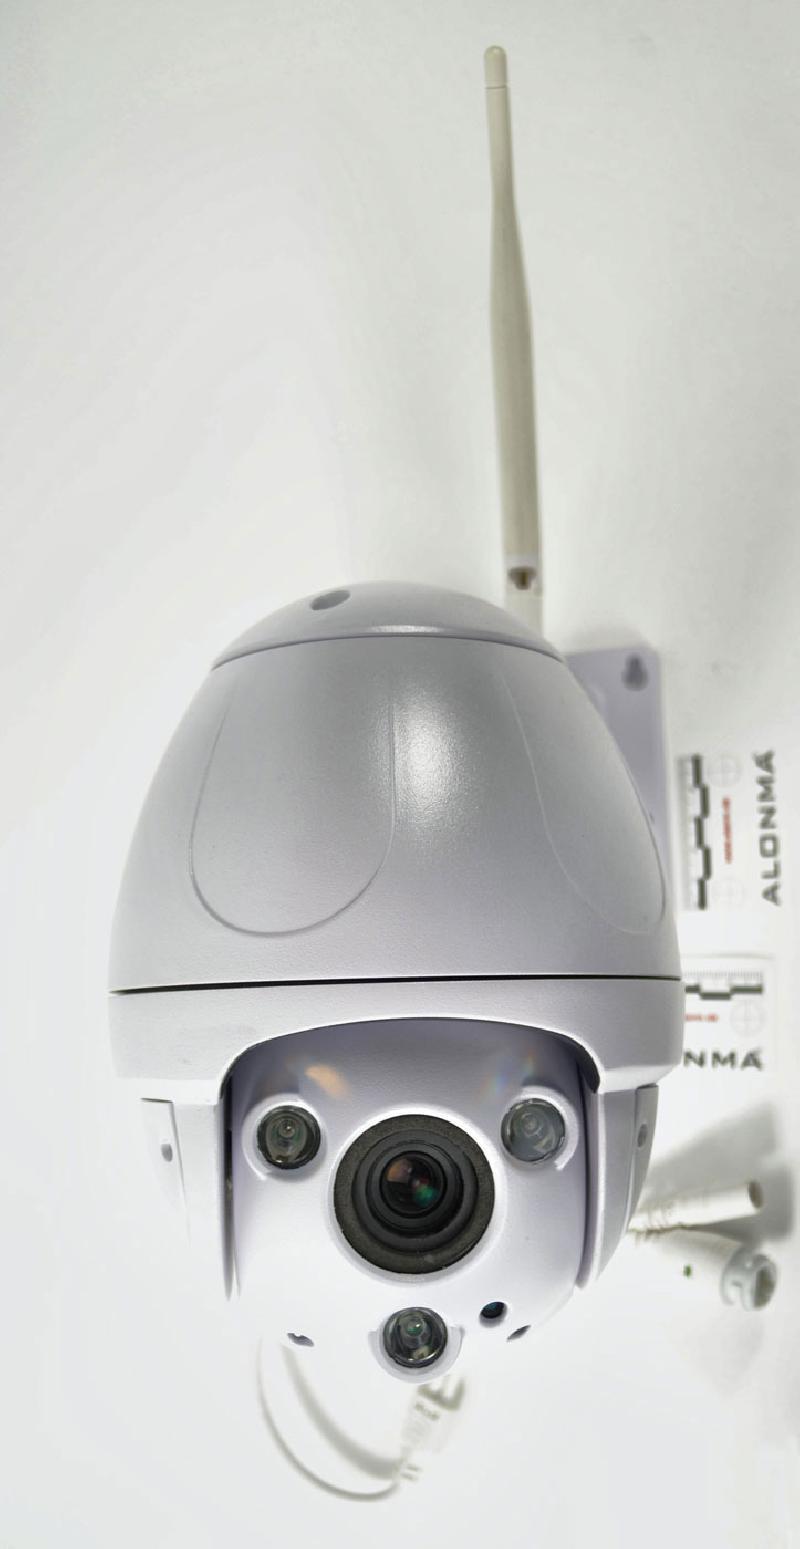 Videoüberwachung | ALARM.de – Sicherheitstechnik